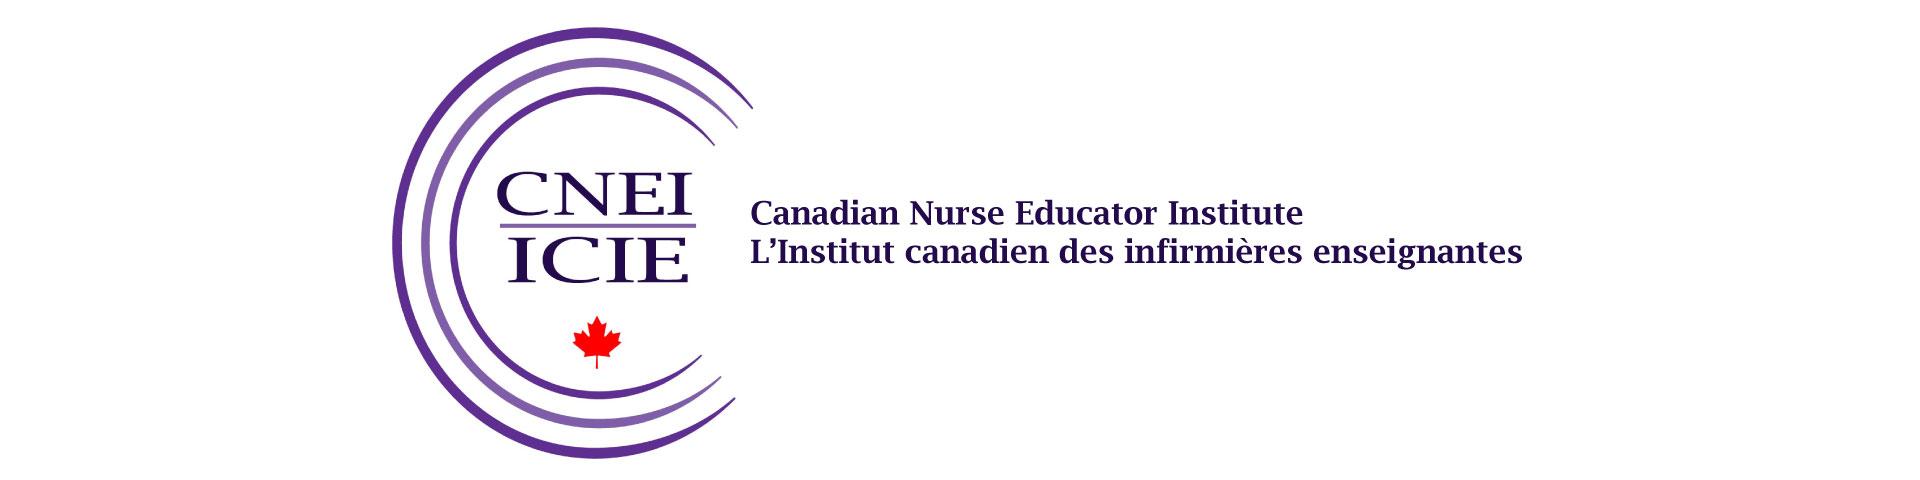 Fellows Announcement – Canadian Nurse Educator Institute